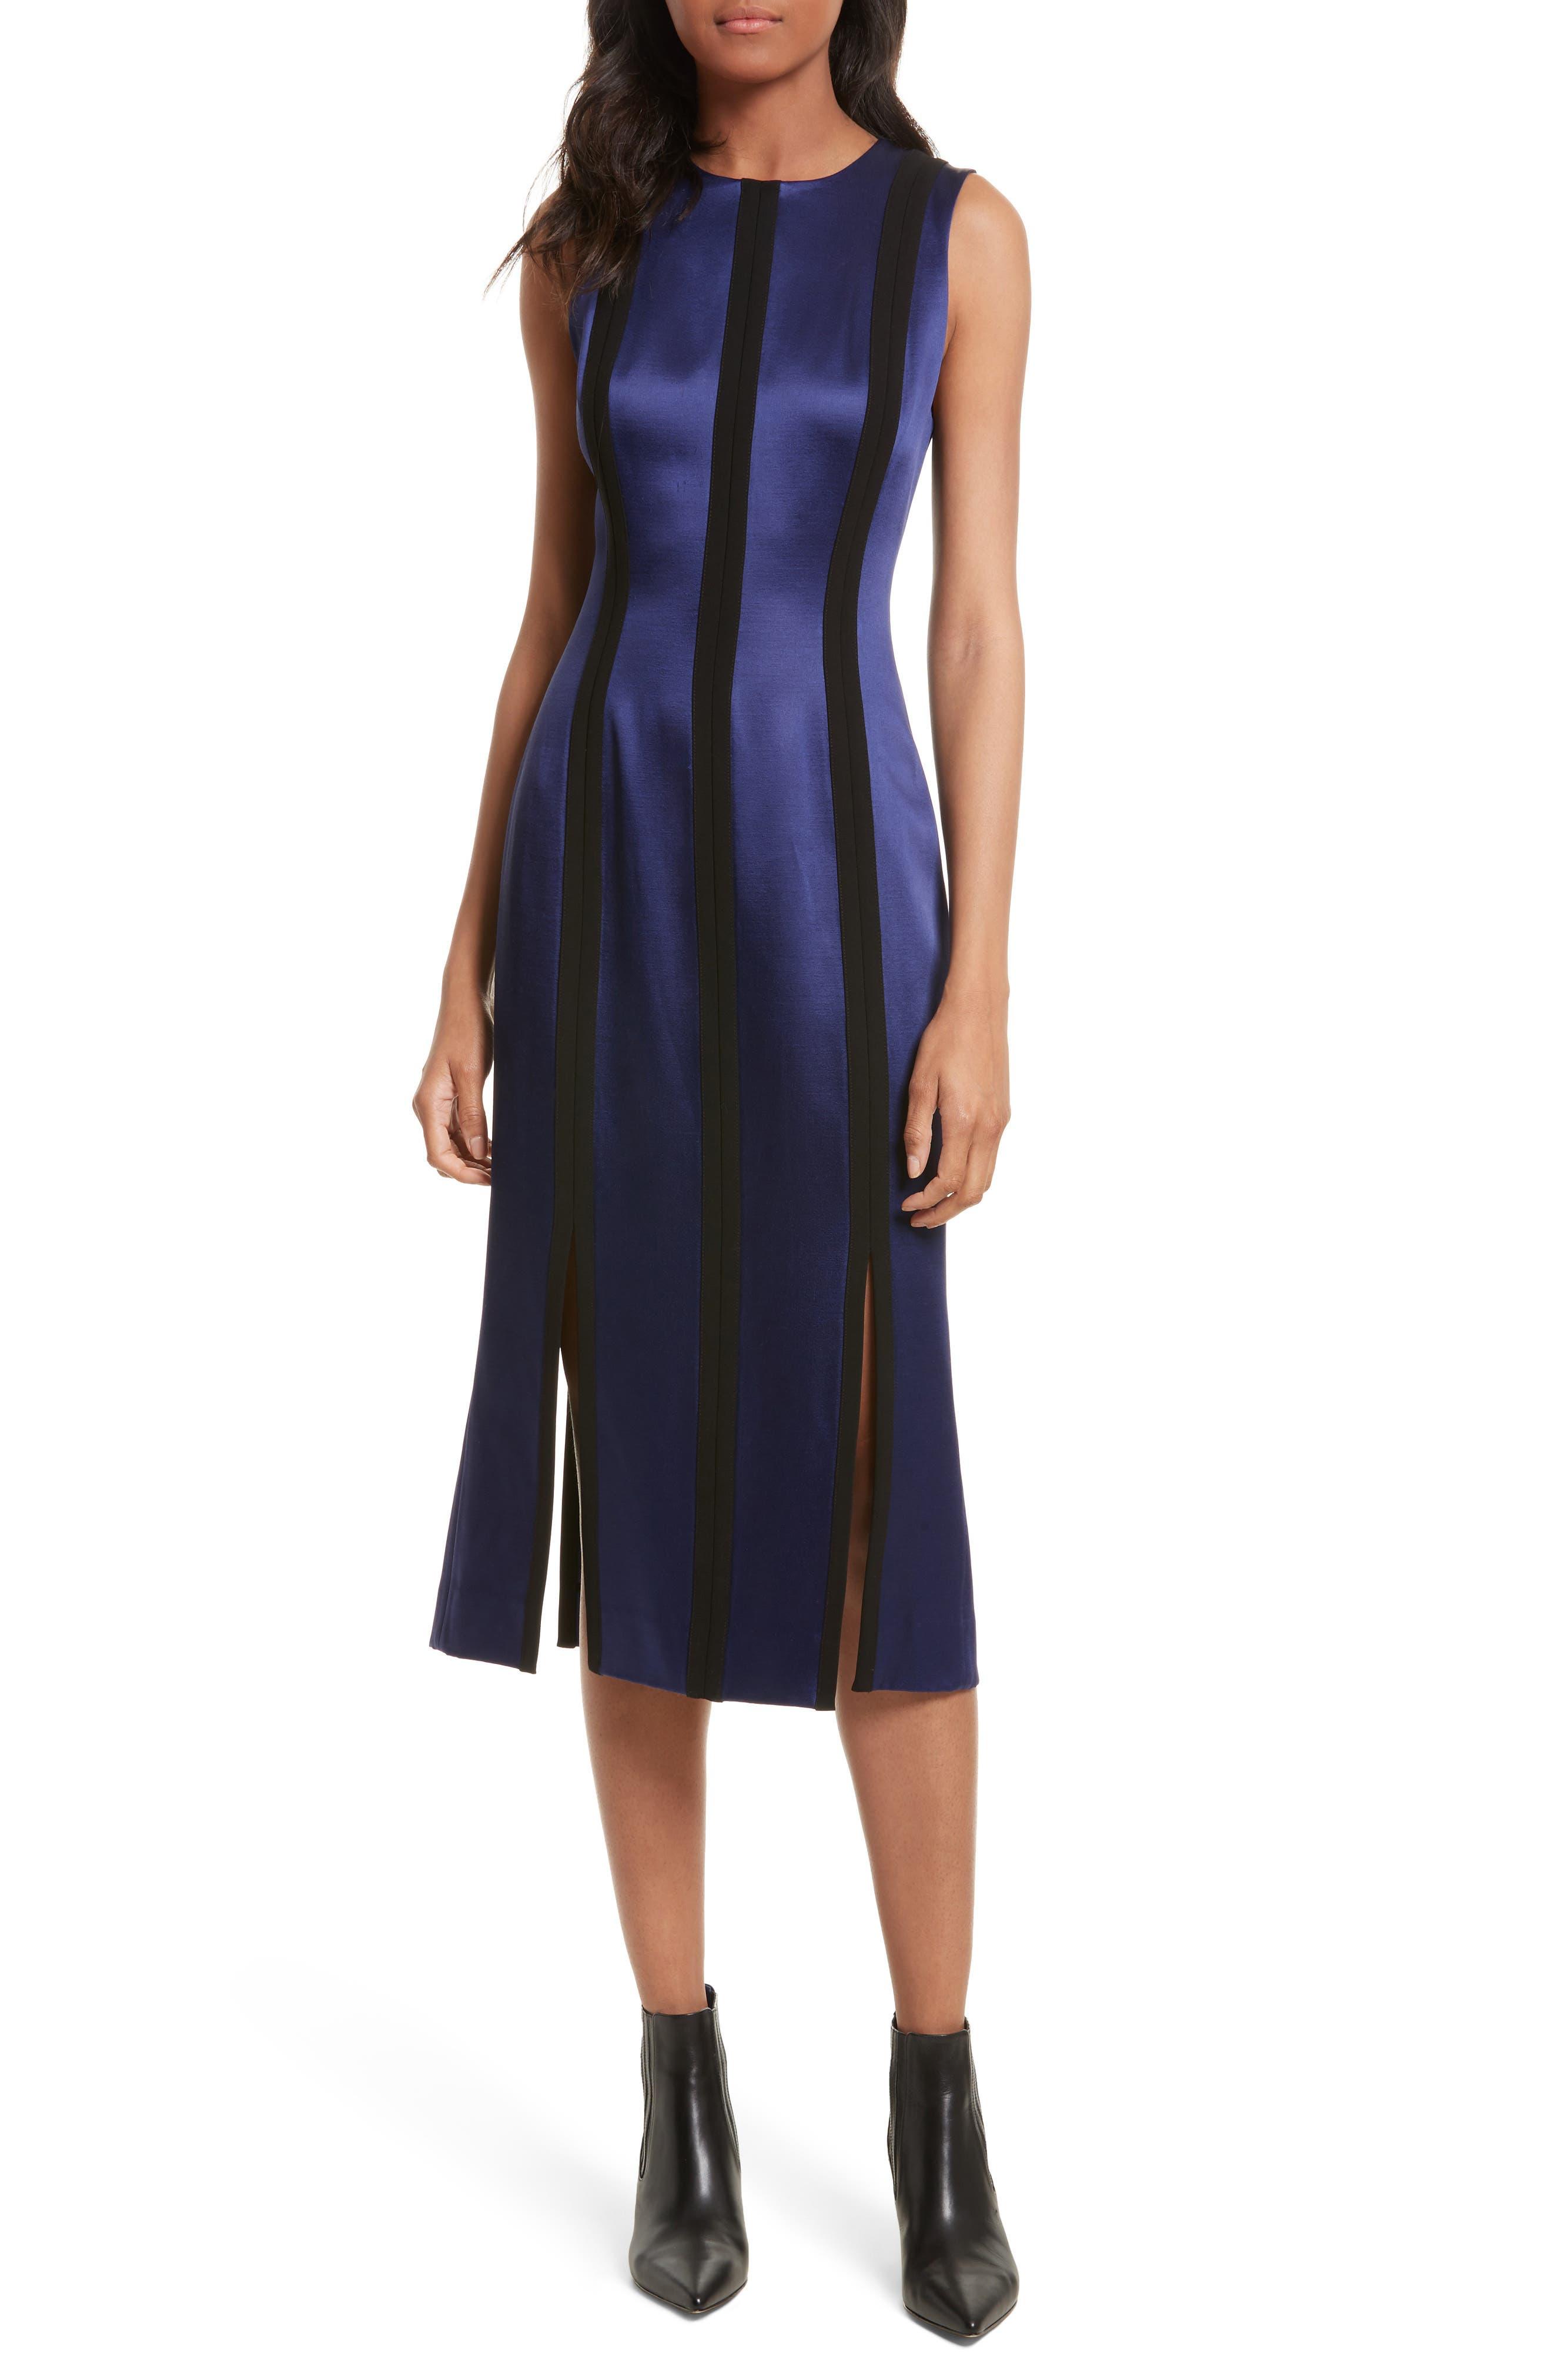 Diane von Furstenberg Tailored Panel Midi Dress